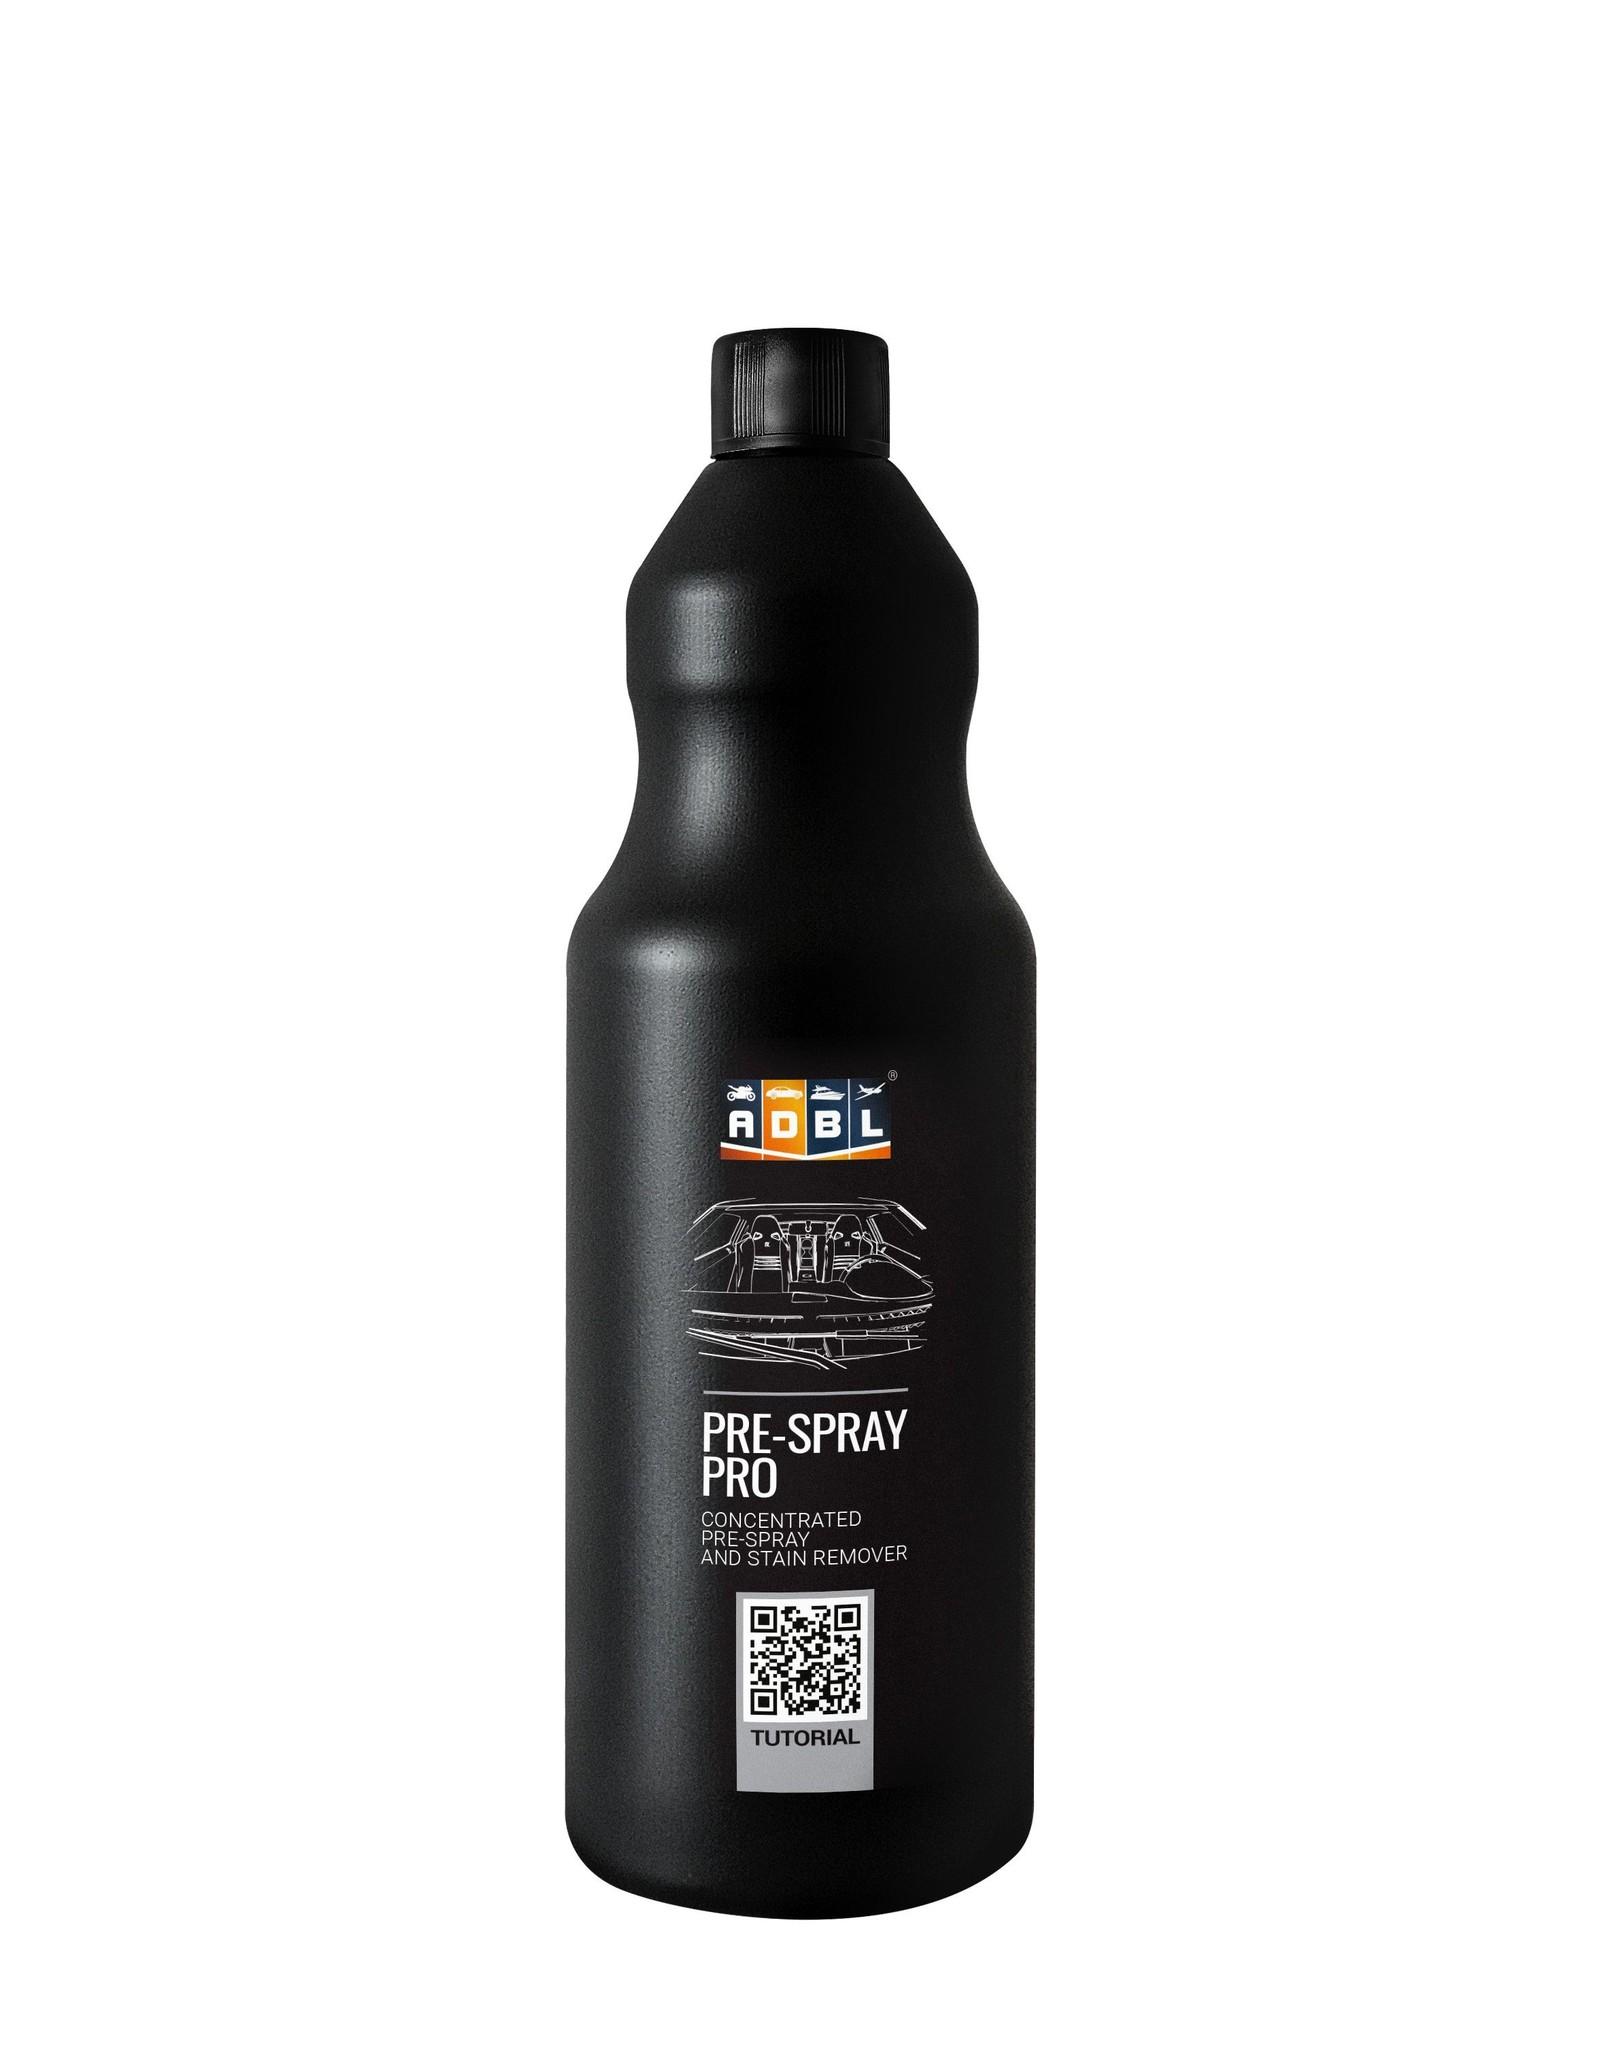 ADBL Pre Spray Pro Polsterreiniger 1000ml